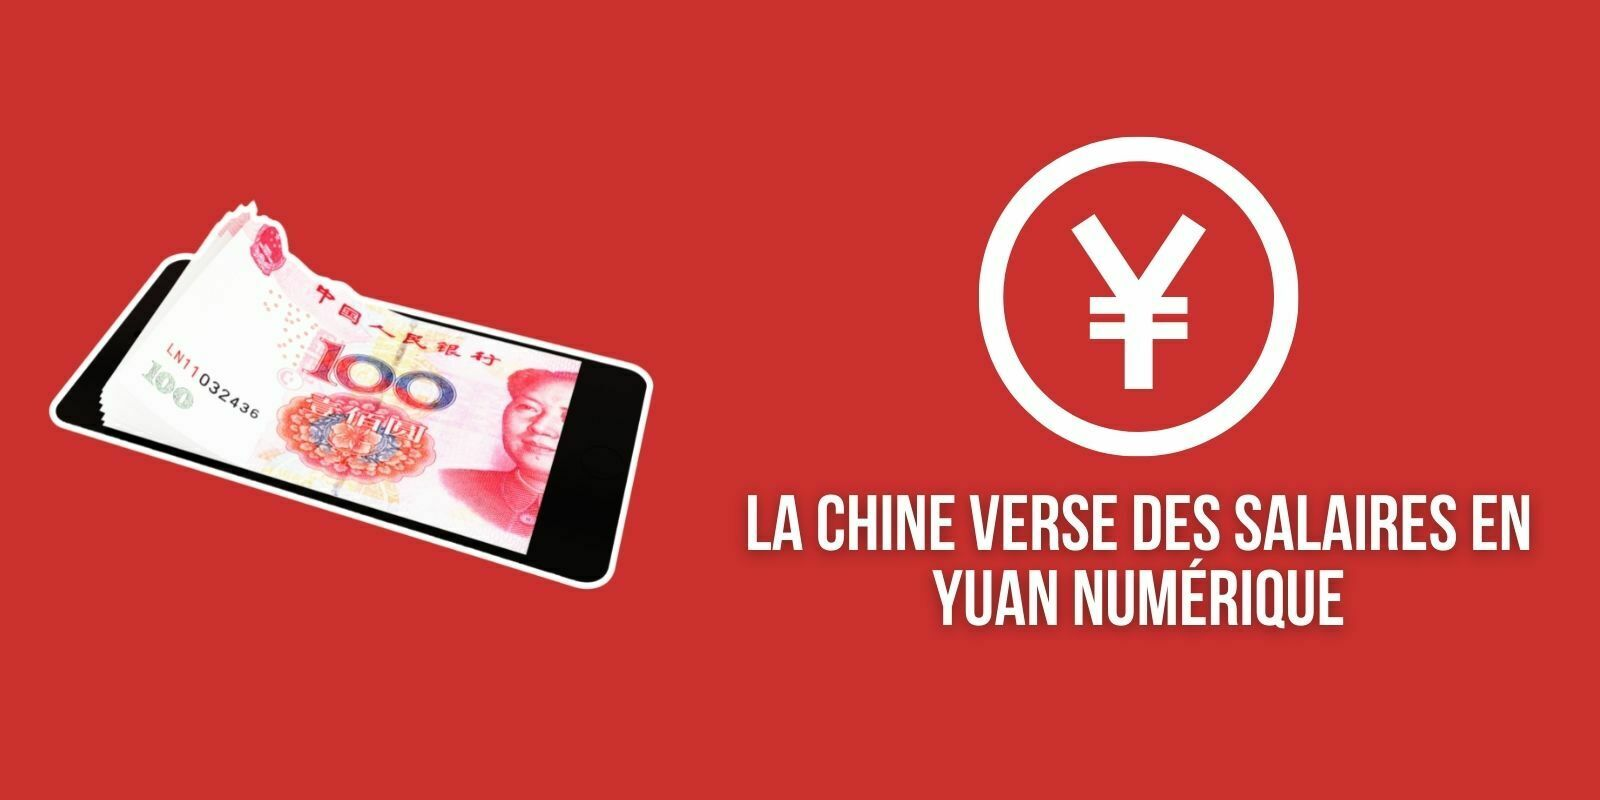 La Chine commence à payer les salaires en yuan numérique